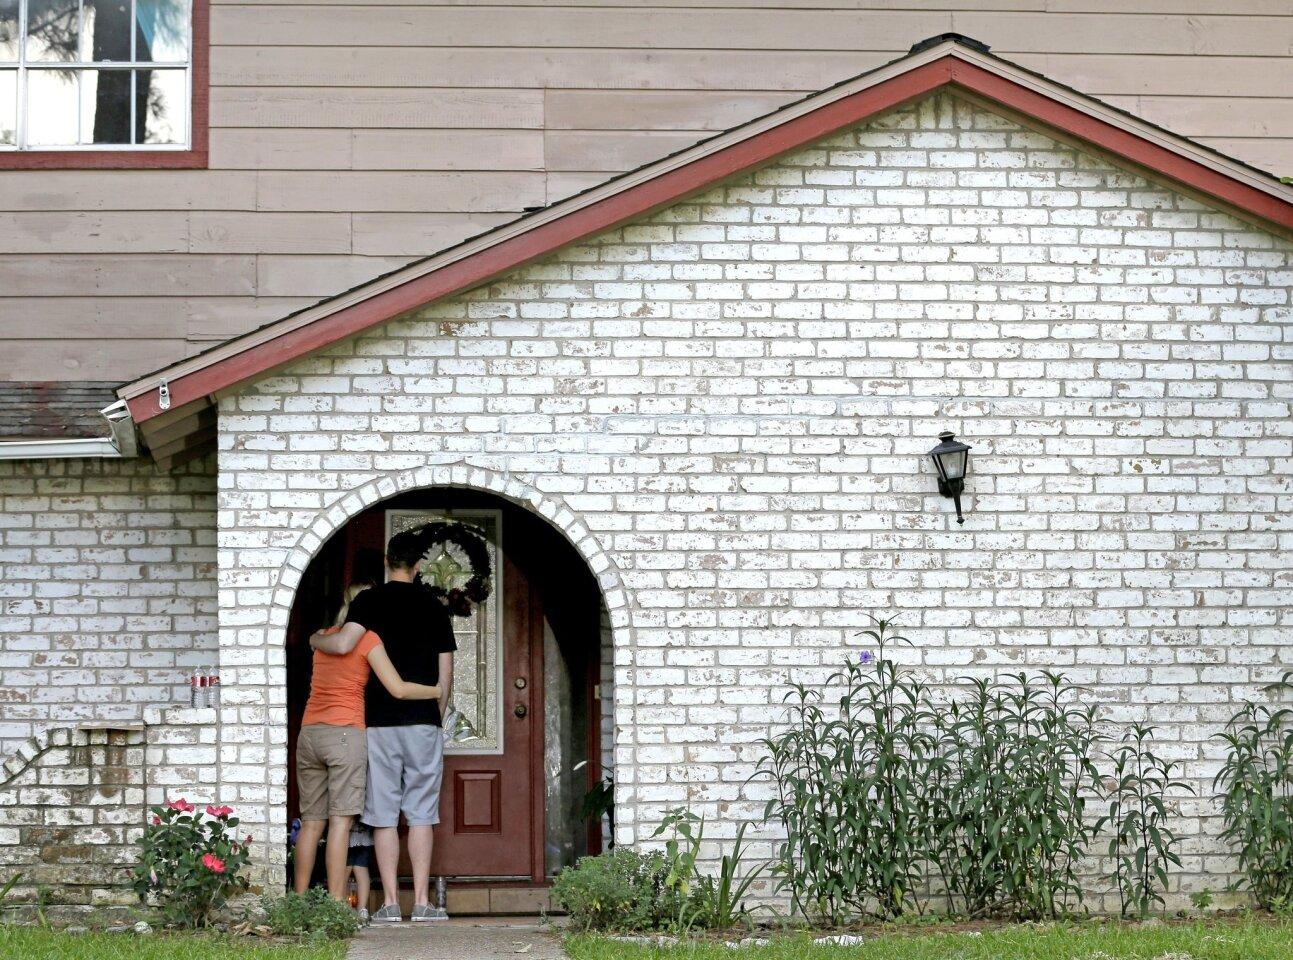 Texas family slain